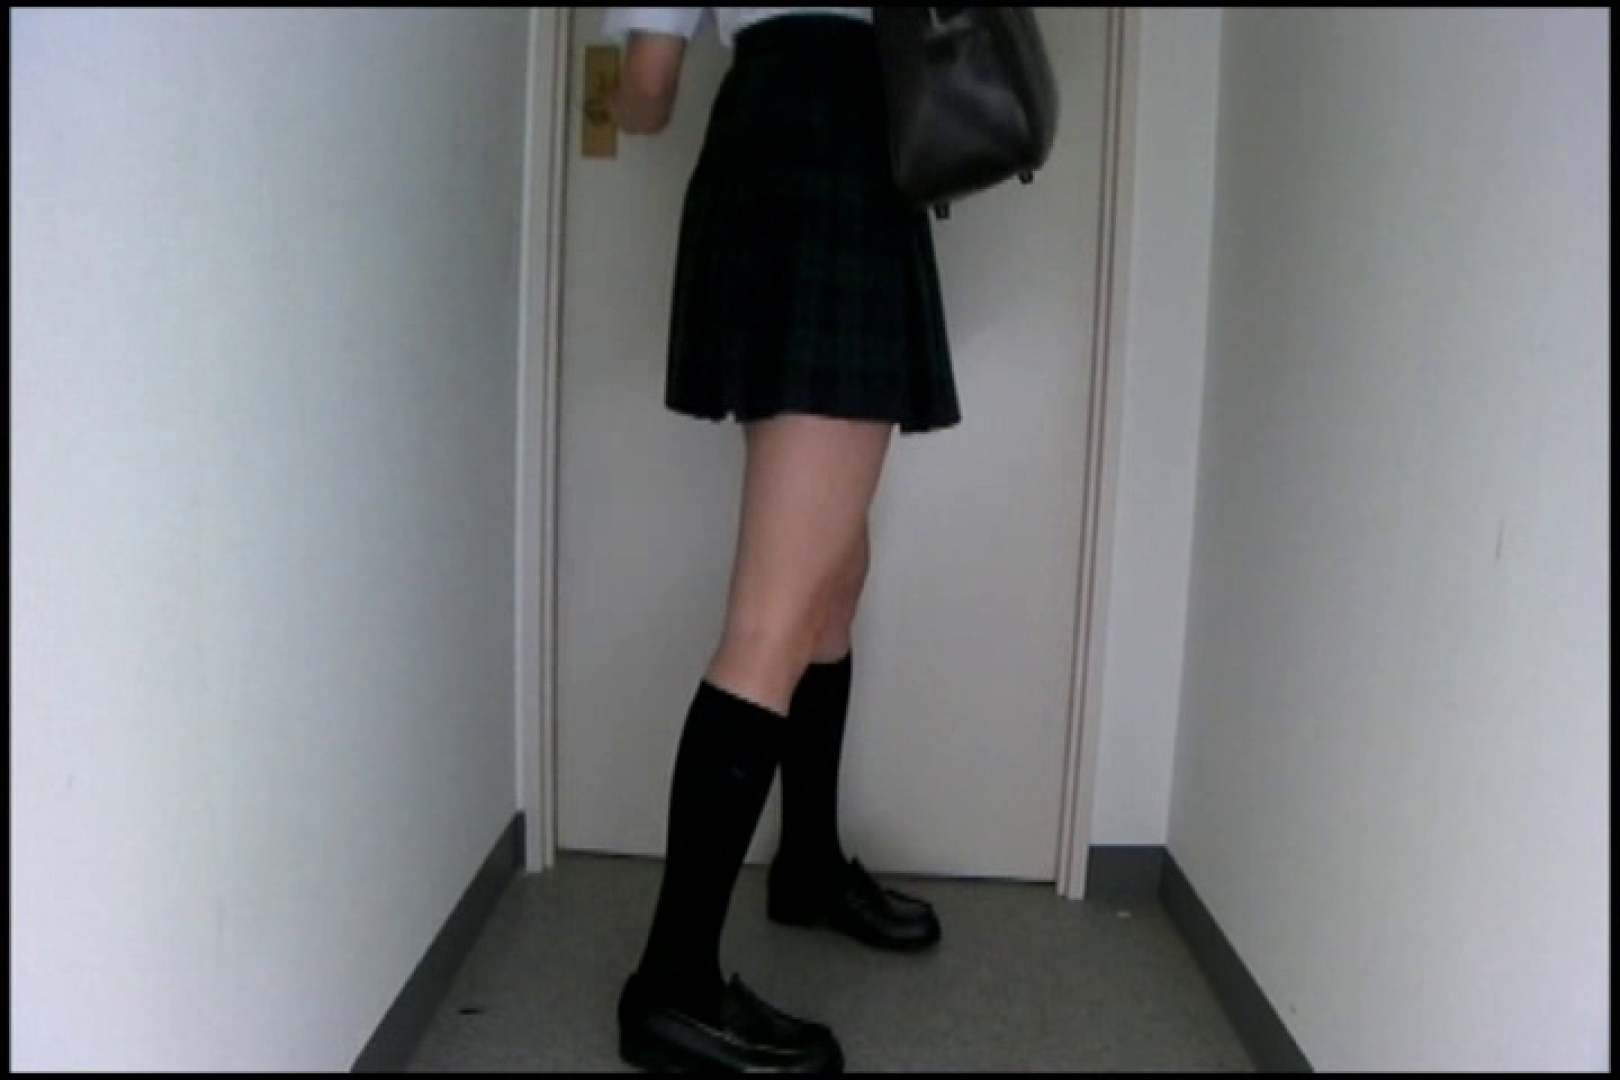 和式にまたがる女たちを待ちうけるカメラの衝撃映像vol.04 黄金水   盗撮  48pic 38